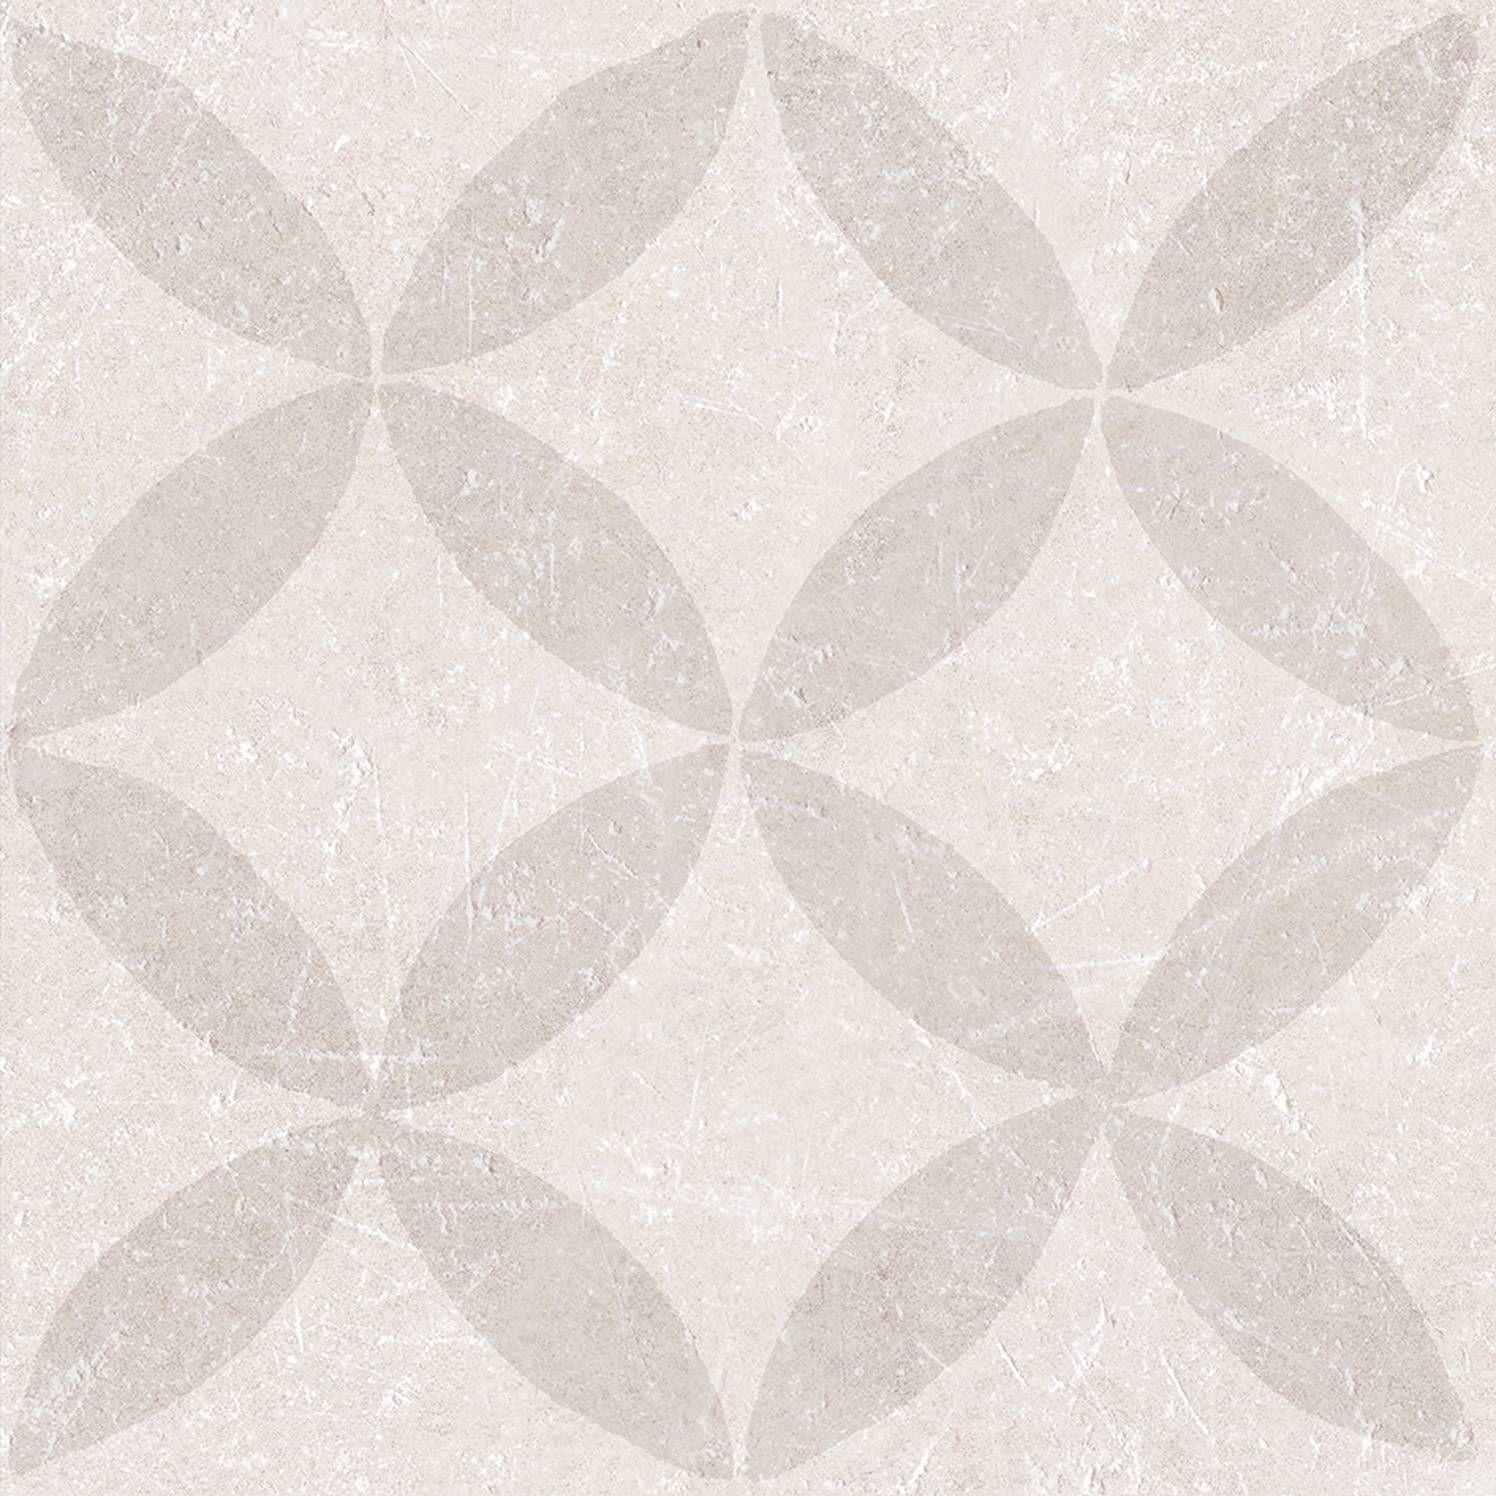 Универсальная плитка Cifre Decor Etana Ivory 20х20 универсальная плитка cifre decor rim white 20х20